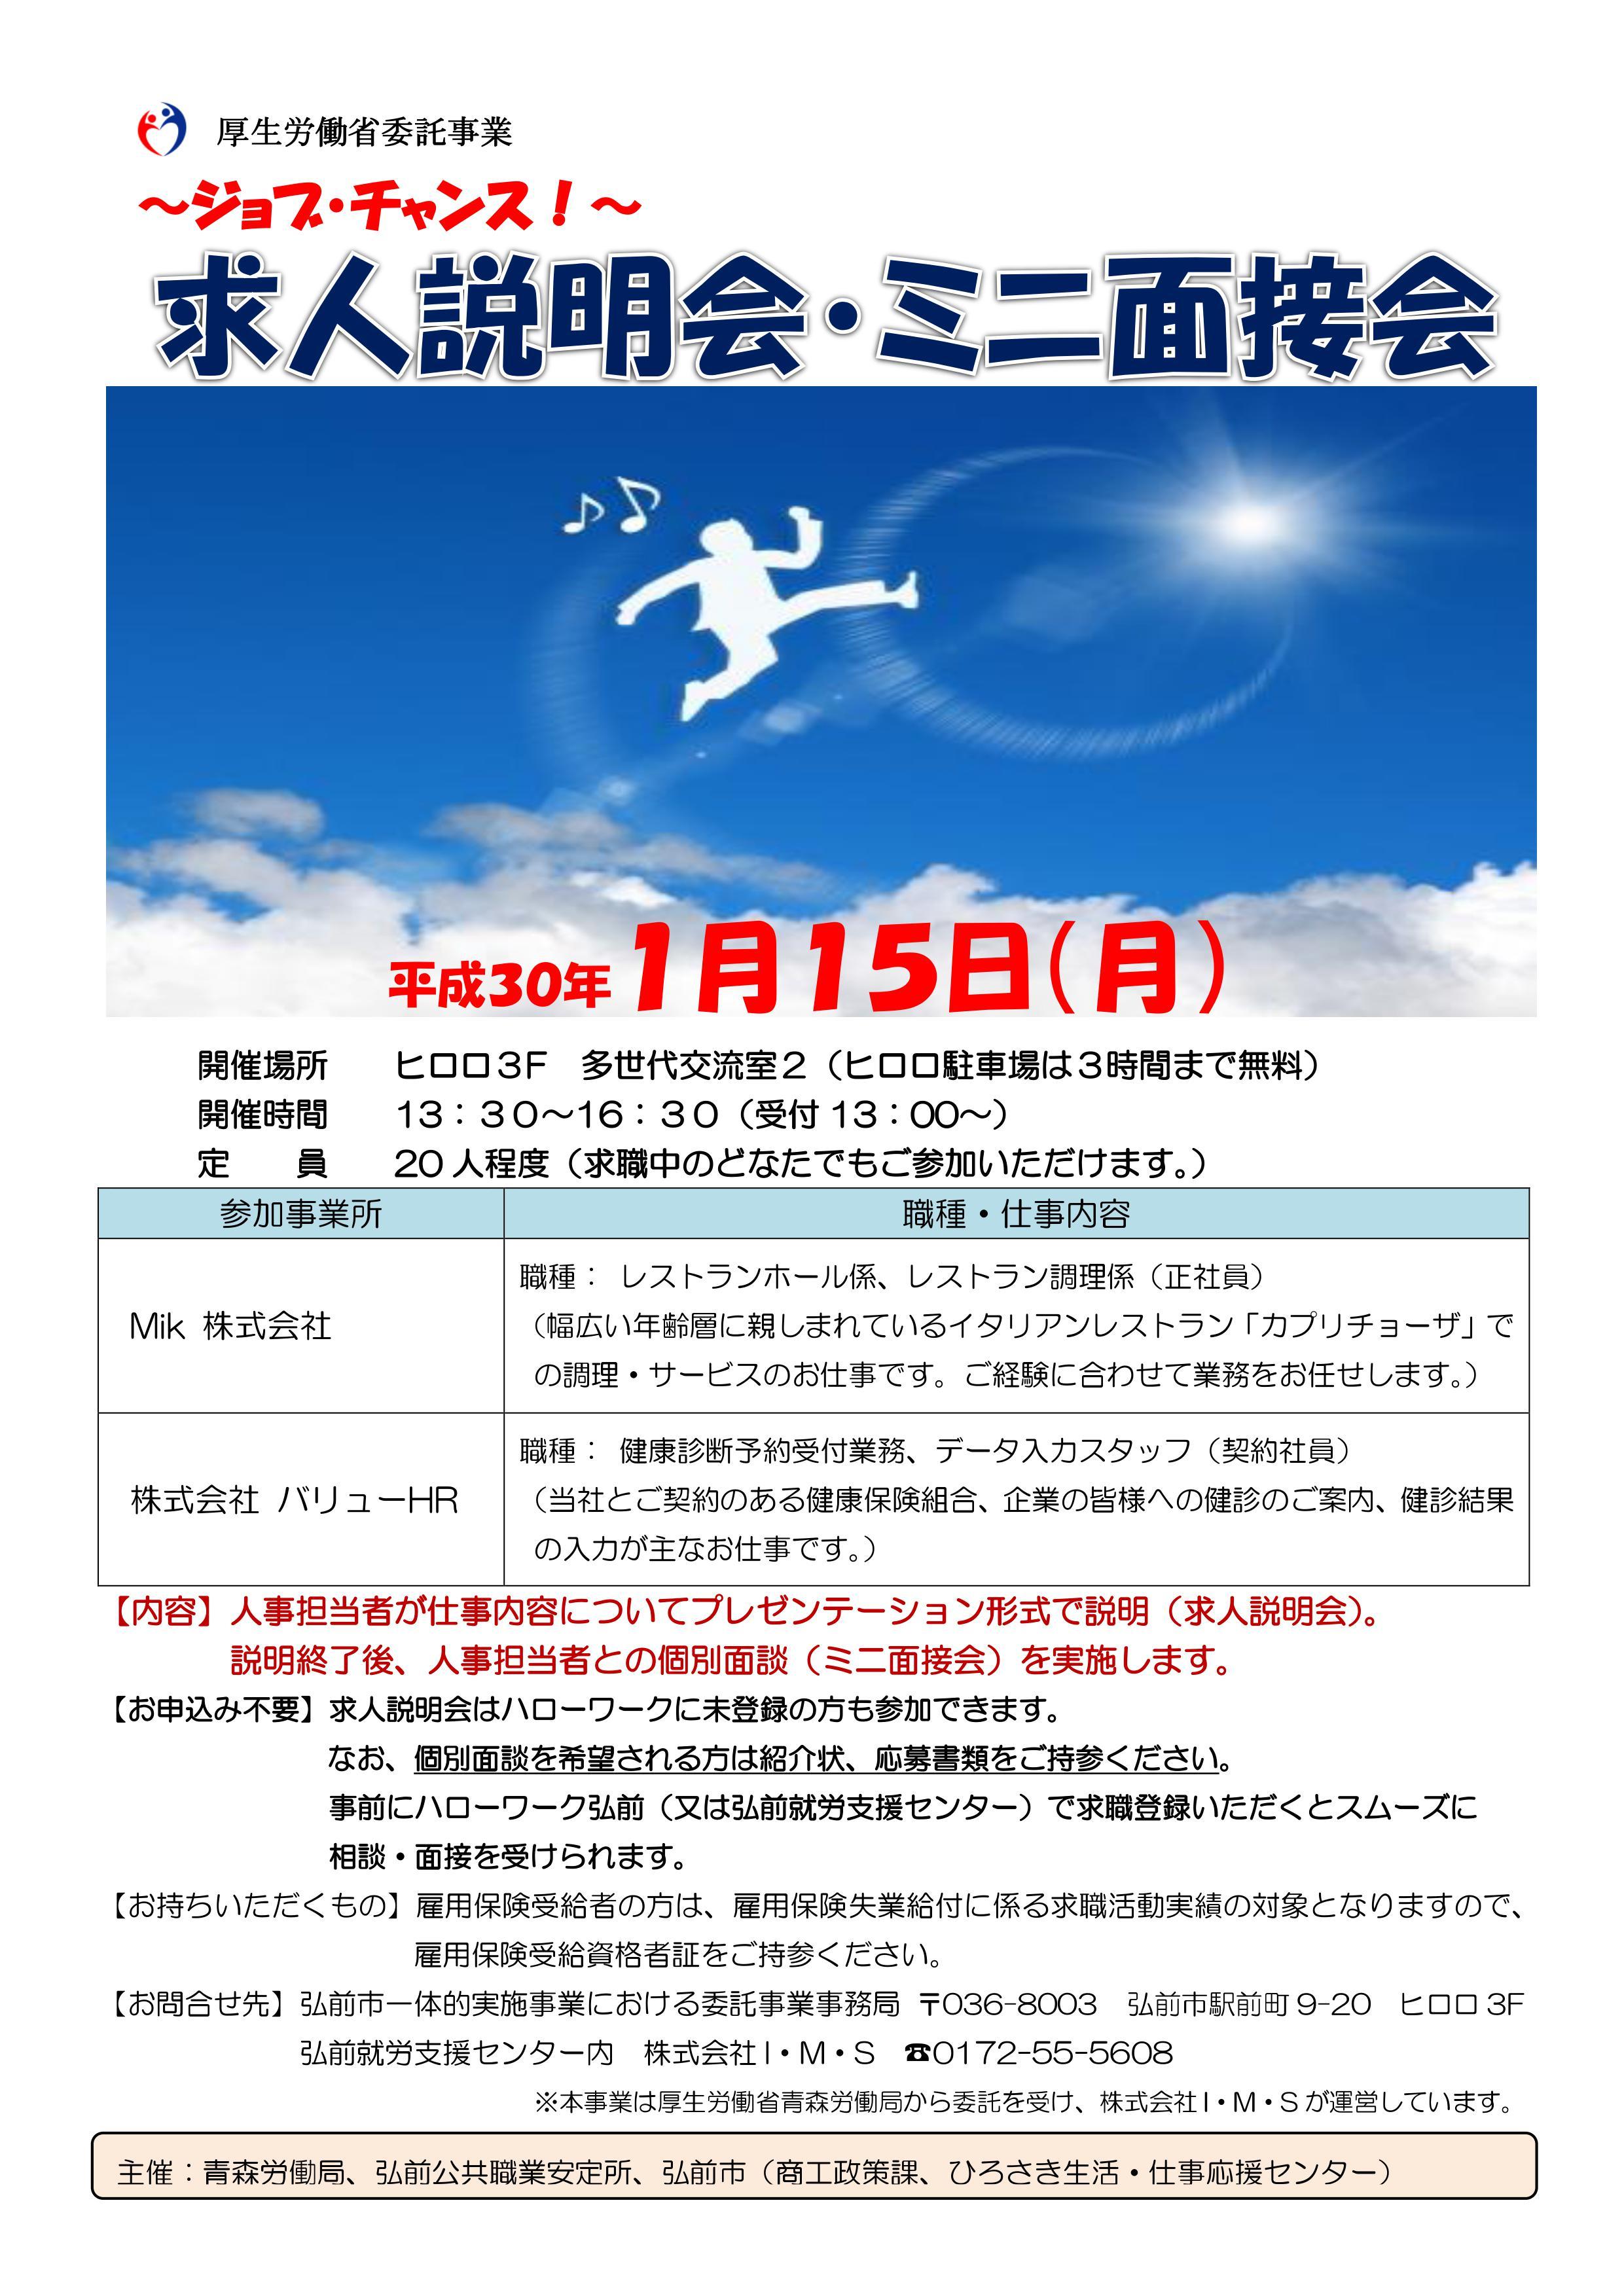 1月15日求人説明会・ミニ面接会.jpg